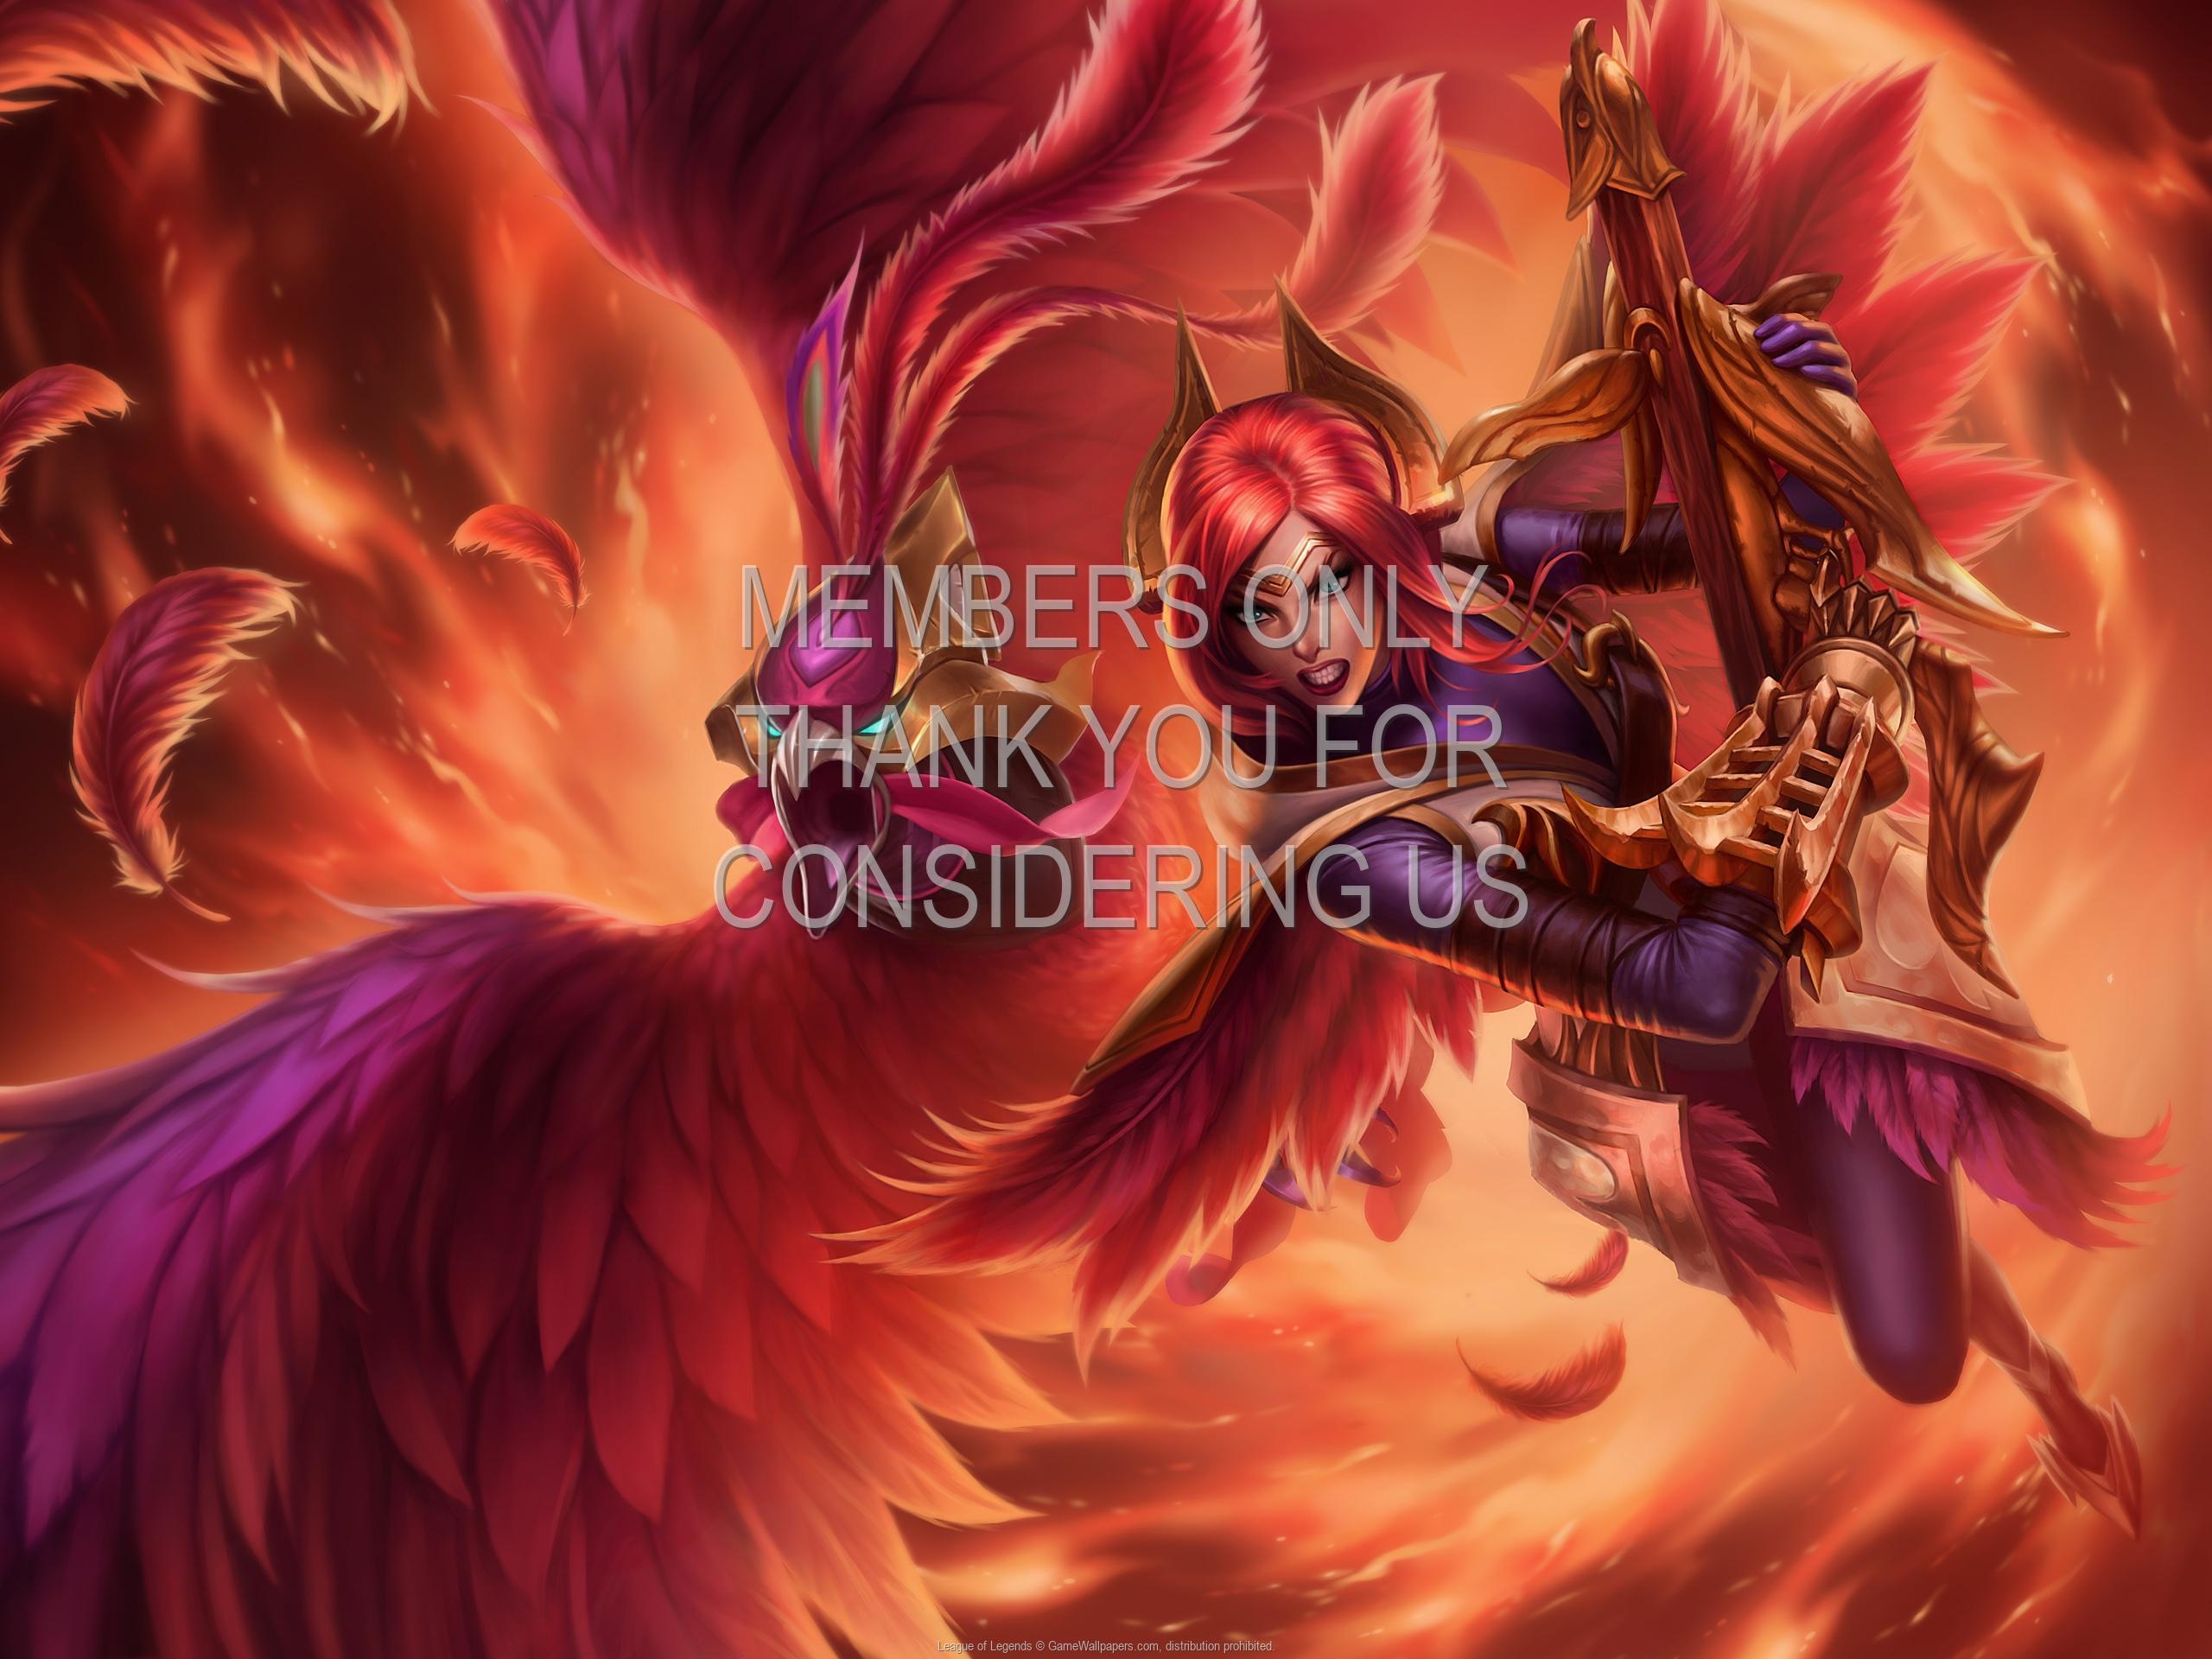 League of Legends 1920x1080 Mobiele achtergrond 11